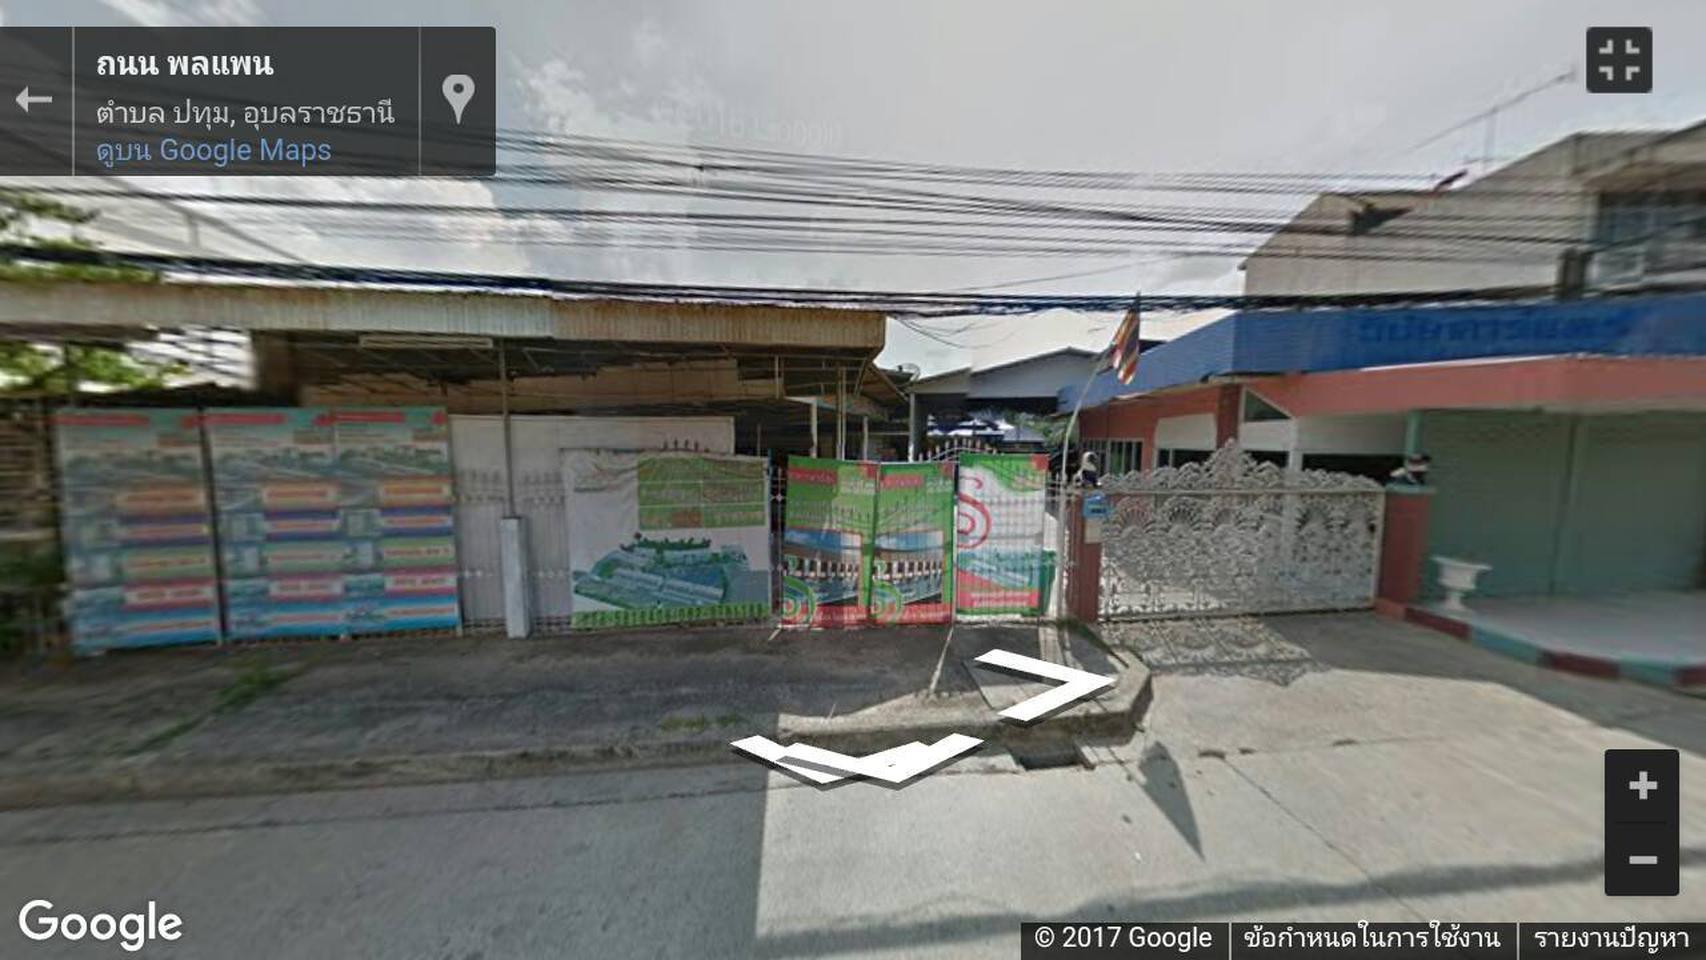 ขายอาคารพาณิชย์พร้อมที่ดินใจกลางเมือง รูปที่ 1